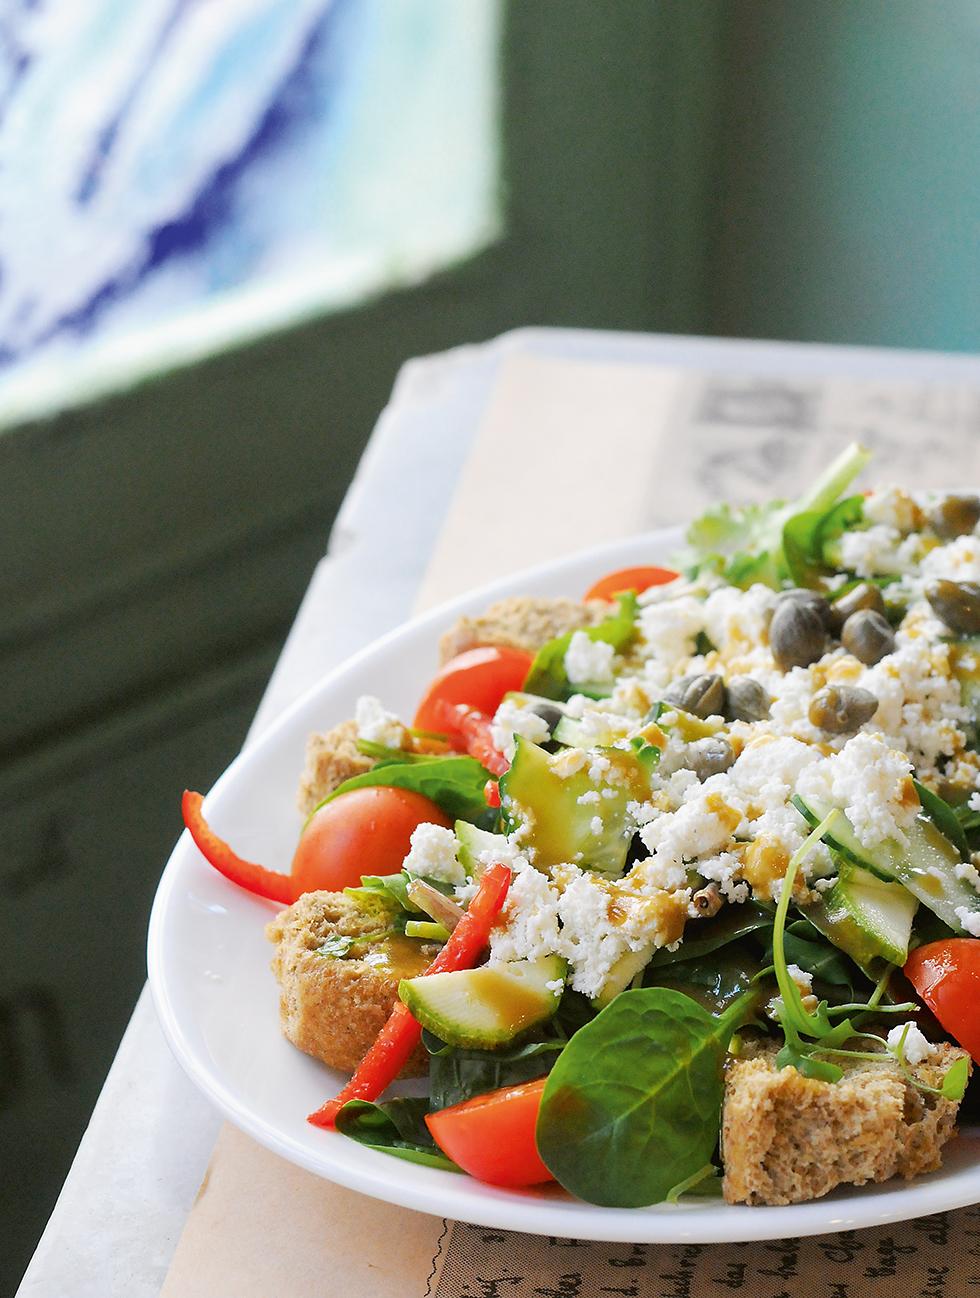 Kretischer Salat mit Spinat - Kritiki salata me spanaki